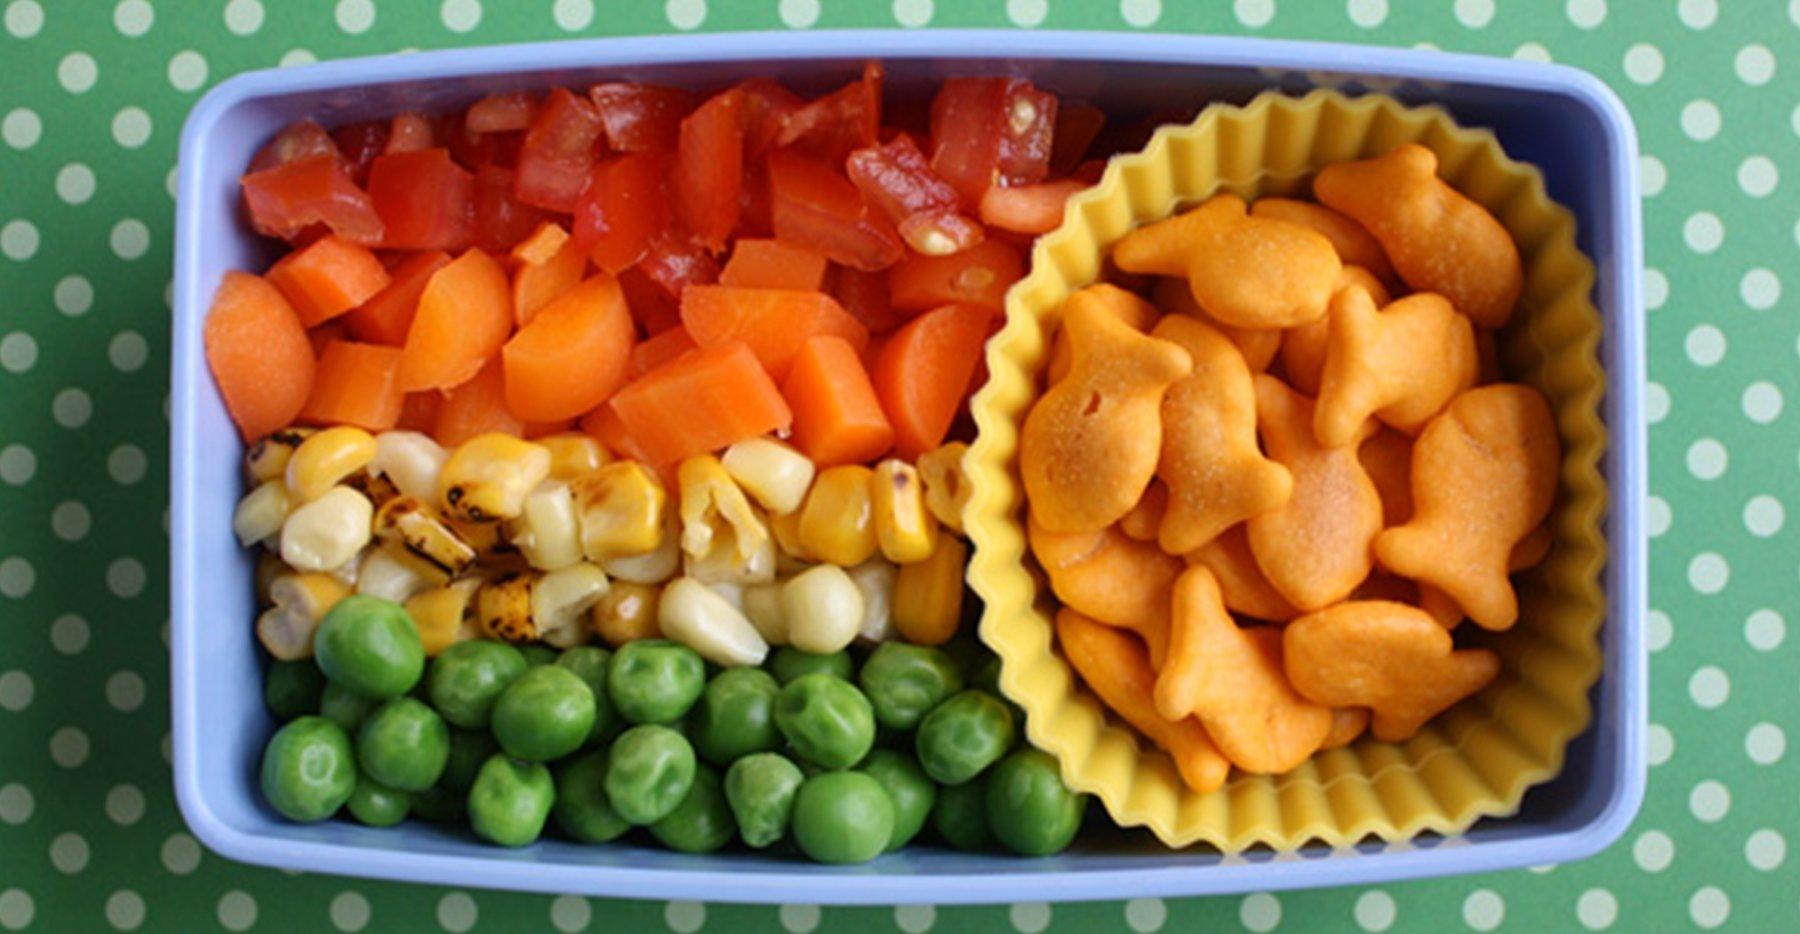 10 Elegant Healthy Bento Box Lunch Ideas bento box lunch ideas 25 healthy and photo worthy bento box recipes 1 2021